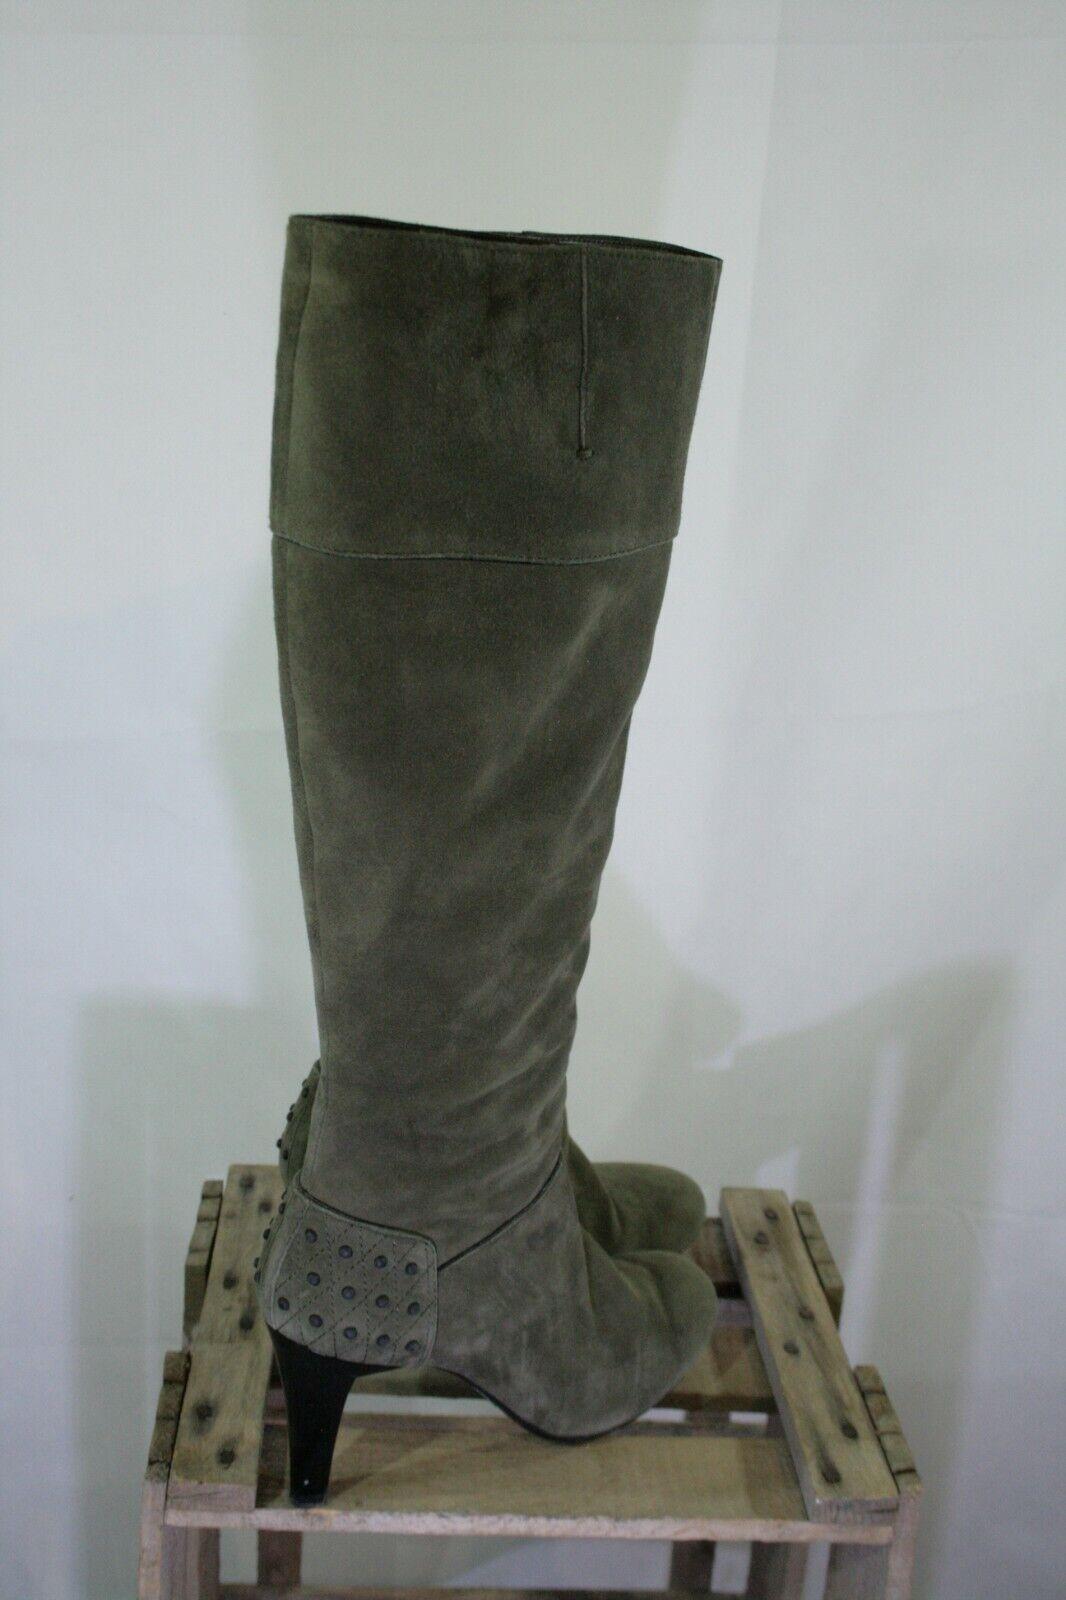 c206893a0c59f9 Tolle olive schwarze Tod´s Stiefel 39 373 bitte messen Gr. 43 nofdme3845- Kleider